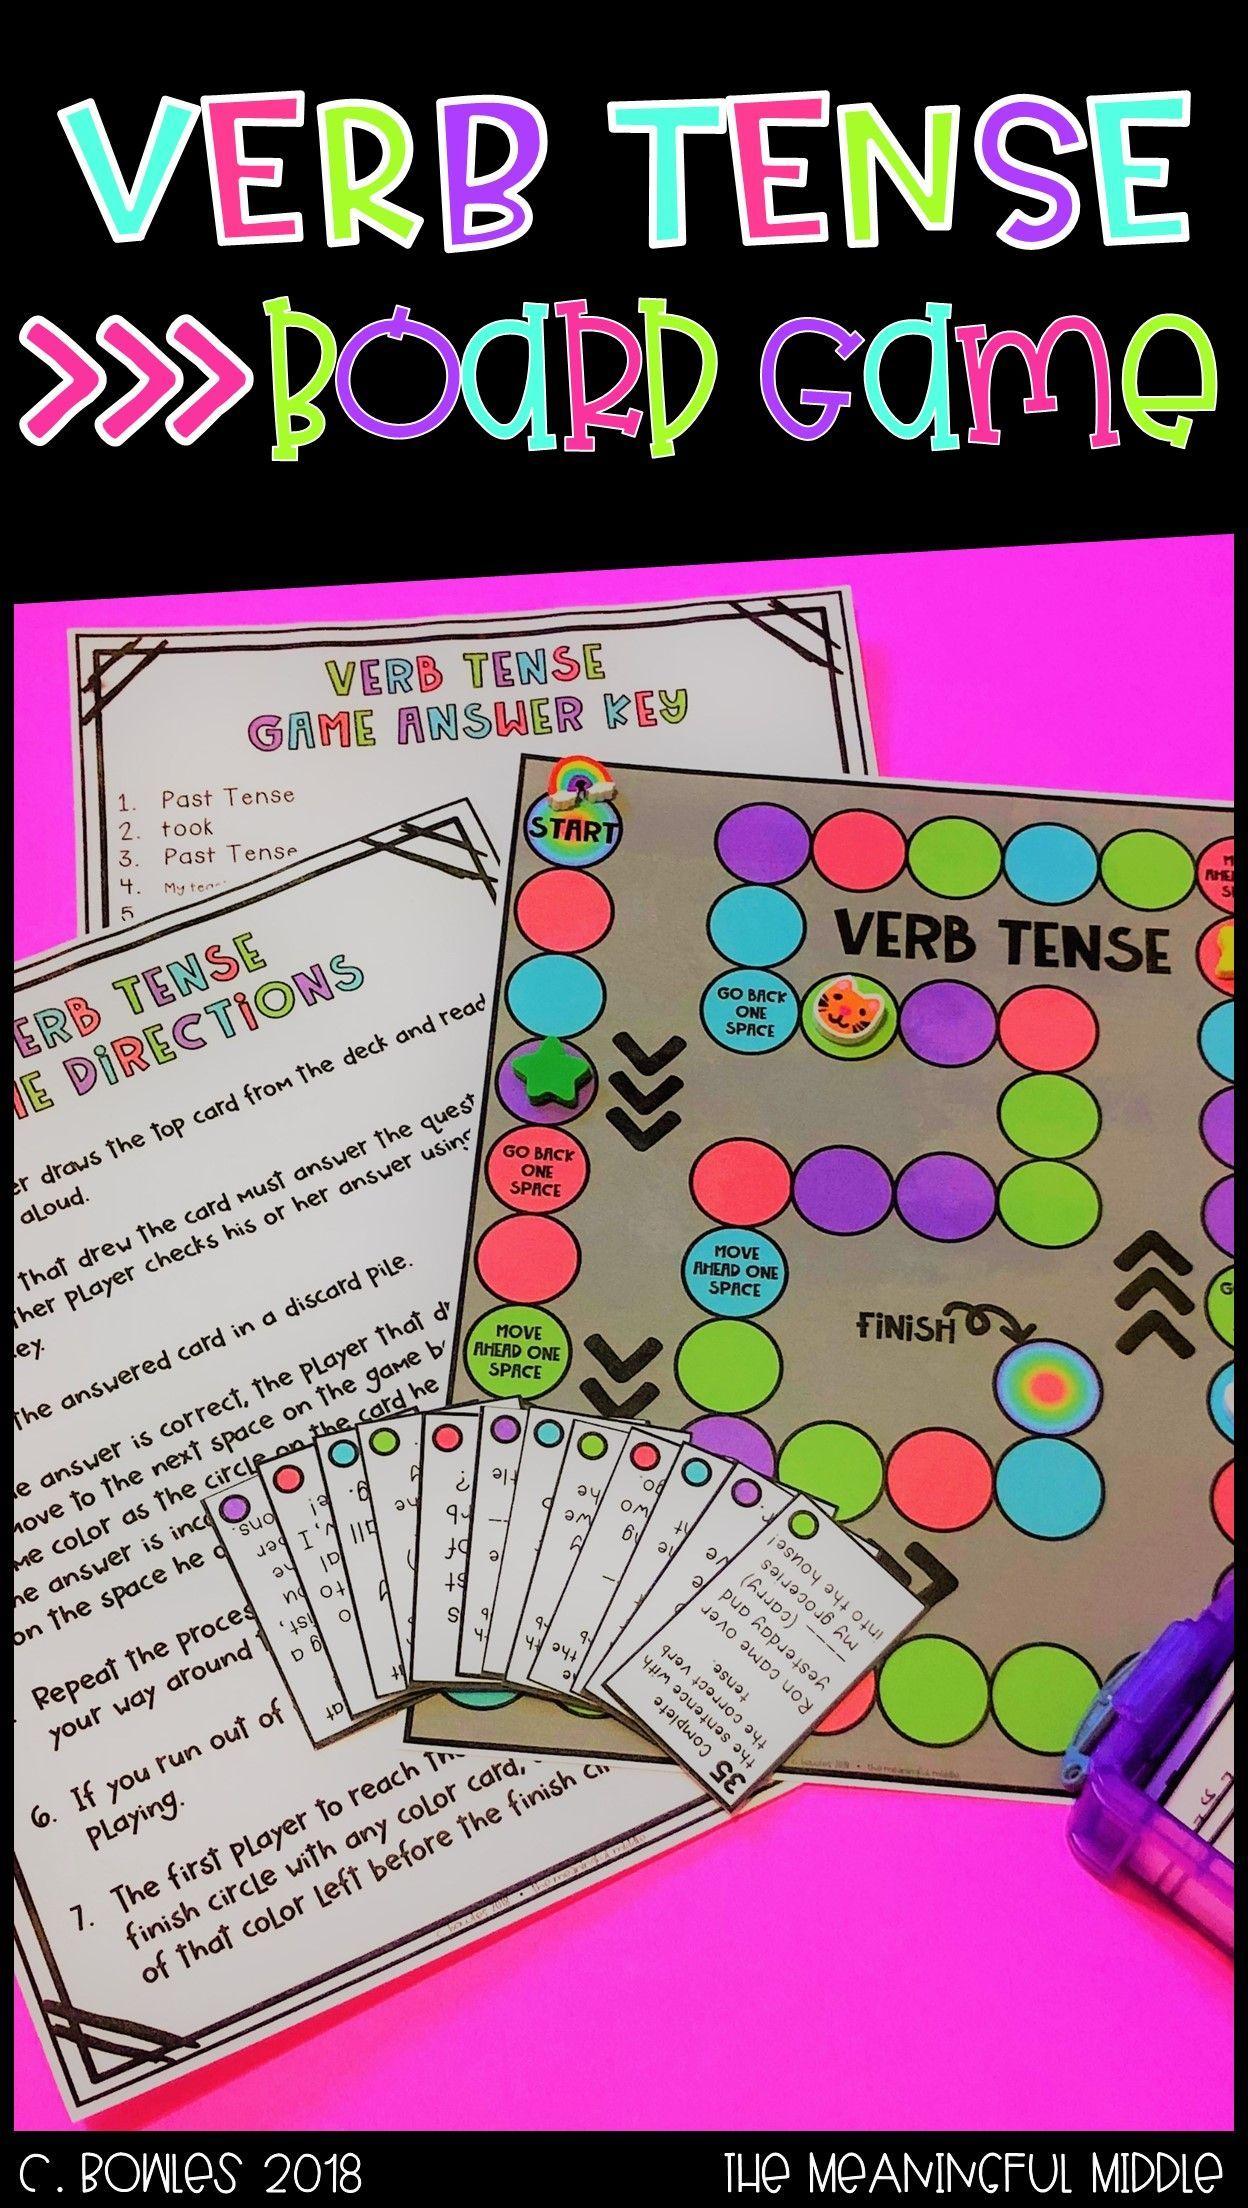 Verb Tense Board Game Teachersfollowteachers Iteachela Verb Tenses Verbs Activities Verb Tenses Activities